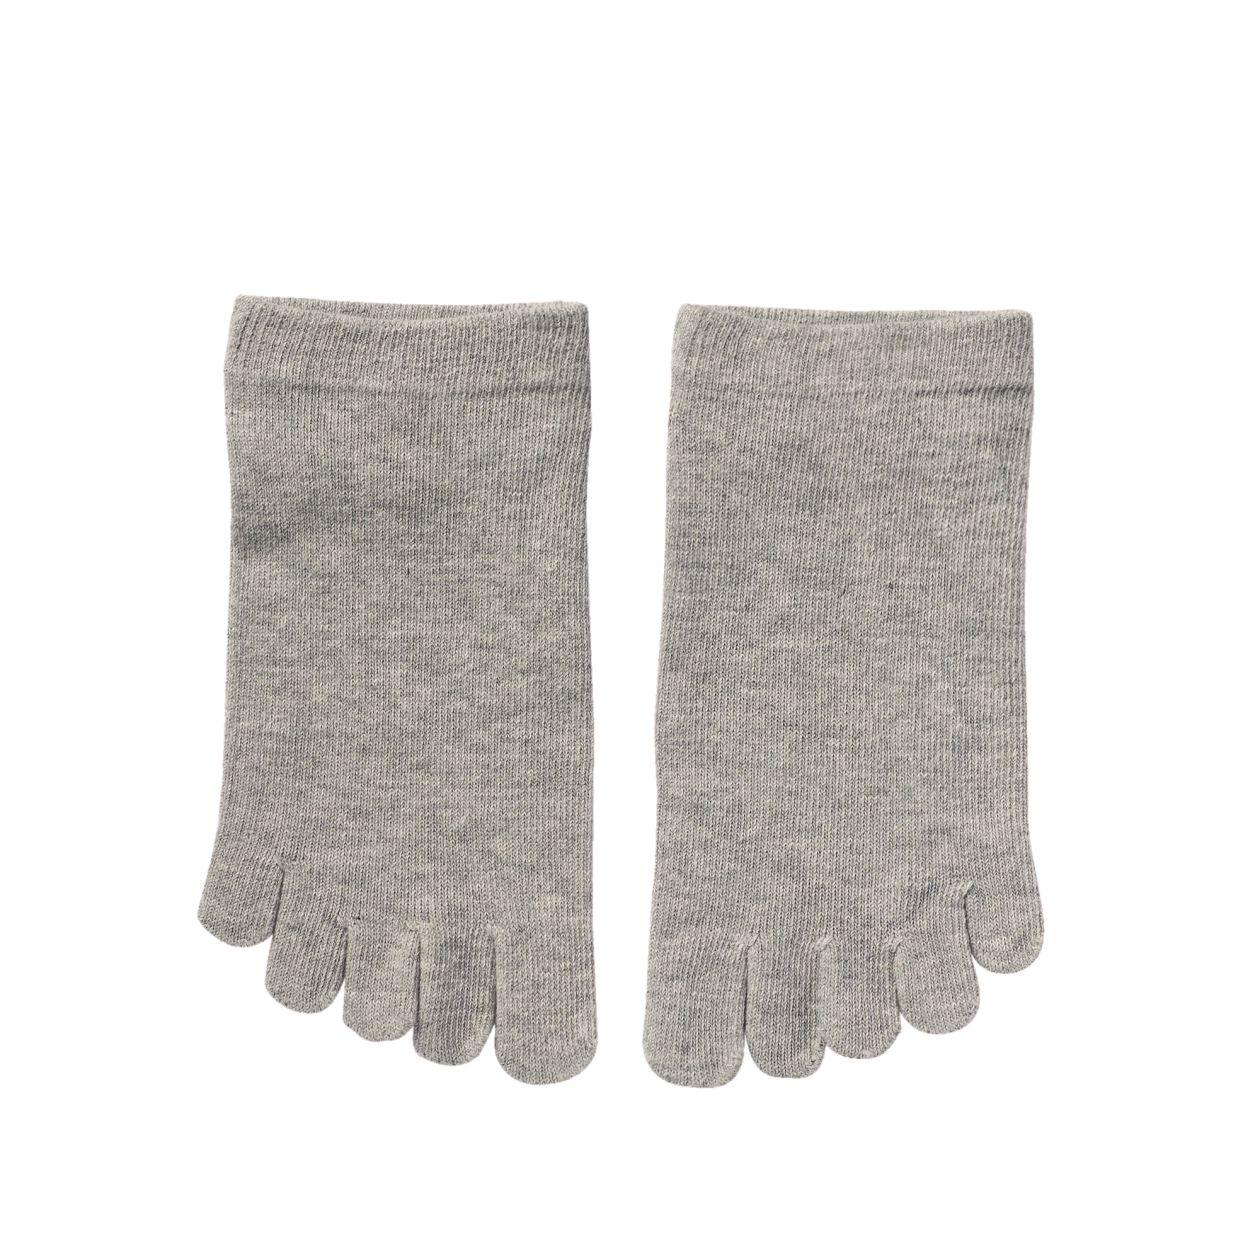 足なり直角 5本指スニーカーイン靴下(婦人・えらべる)